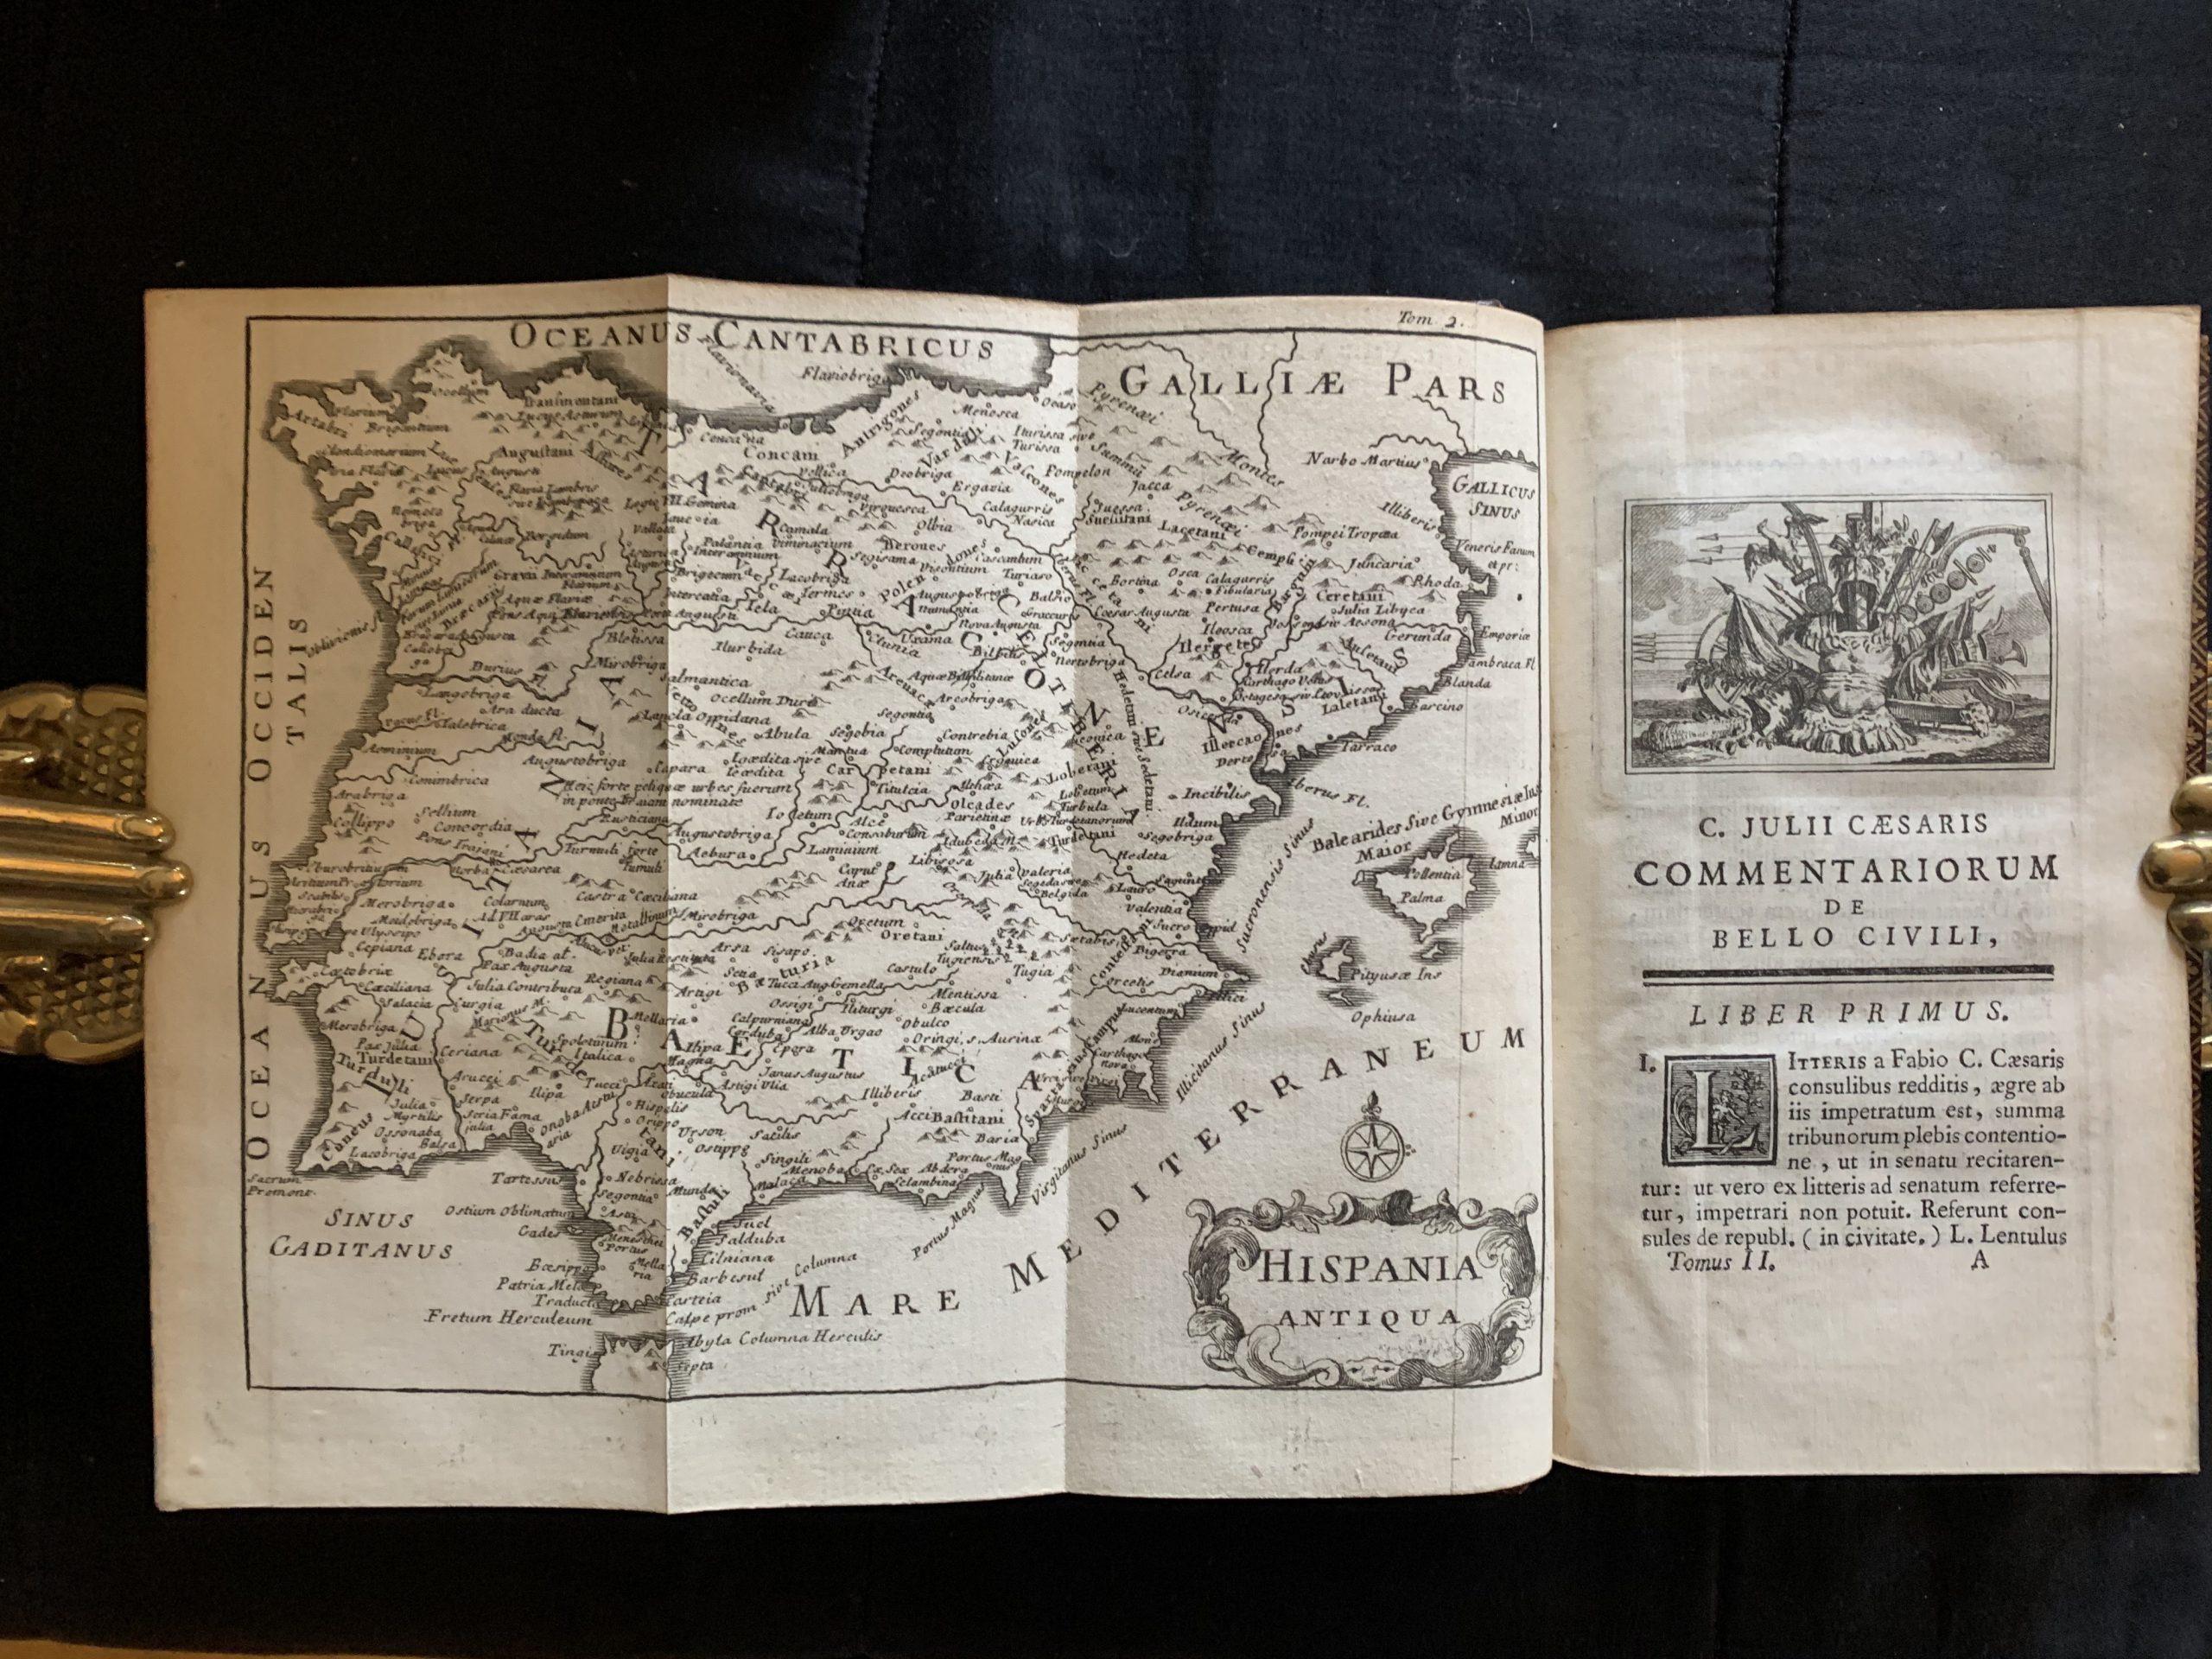 CAESAR, Caius Julius, HIRTIUS, Aulius; COUSTELLIER, A. U., (ed.).